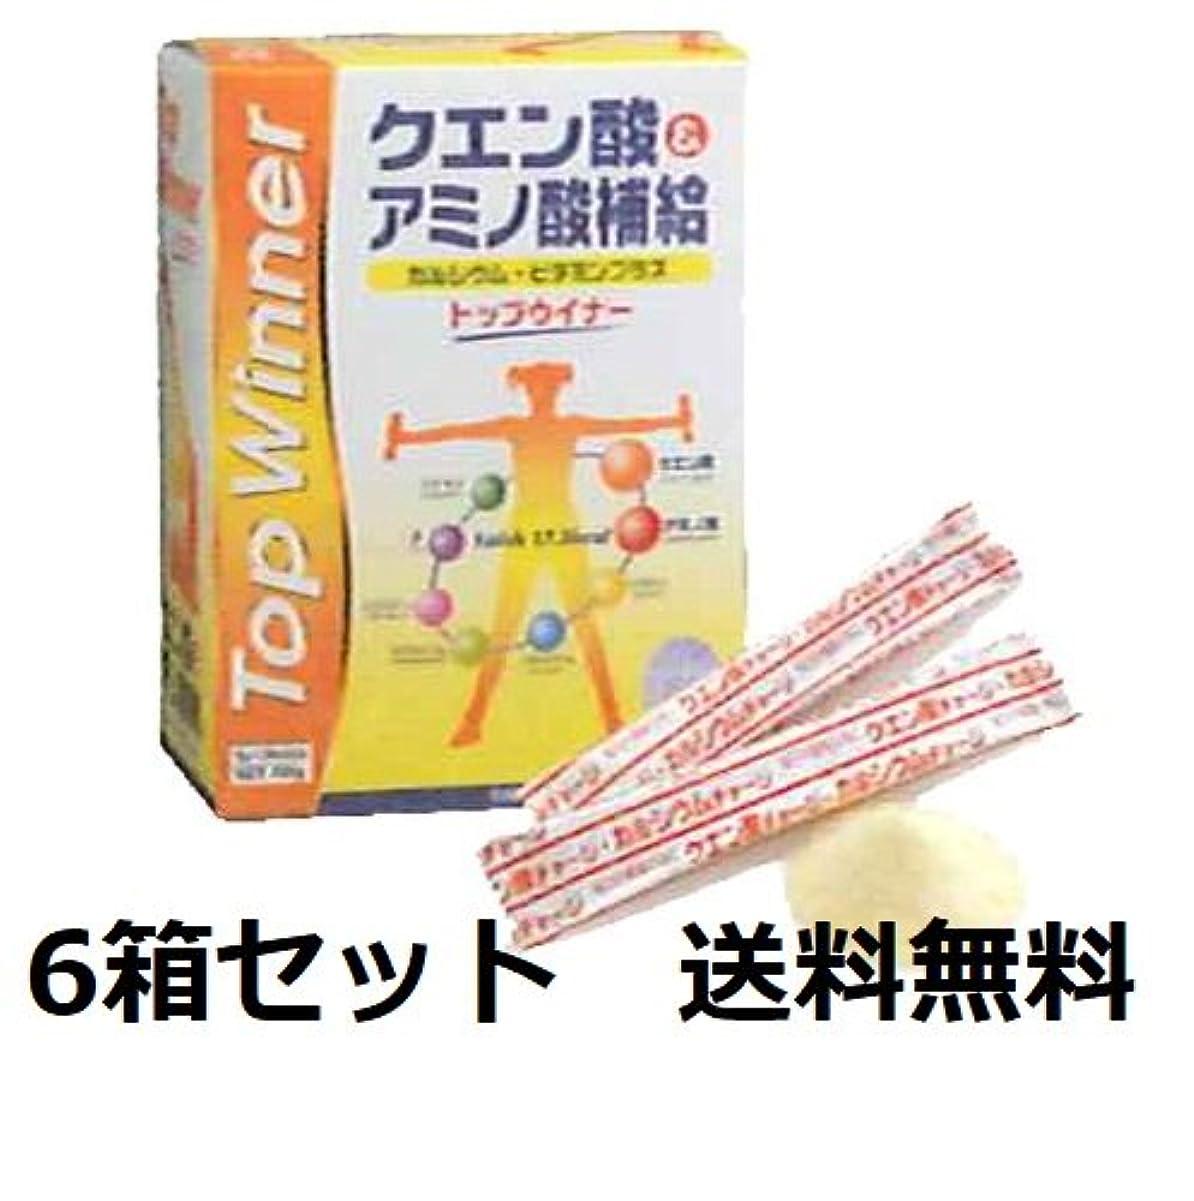 侵入病気マンハッタントップウイナー 6箱セット アミノ酸?クエン酸飲料 5g×30本入(150g)×6箱